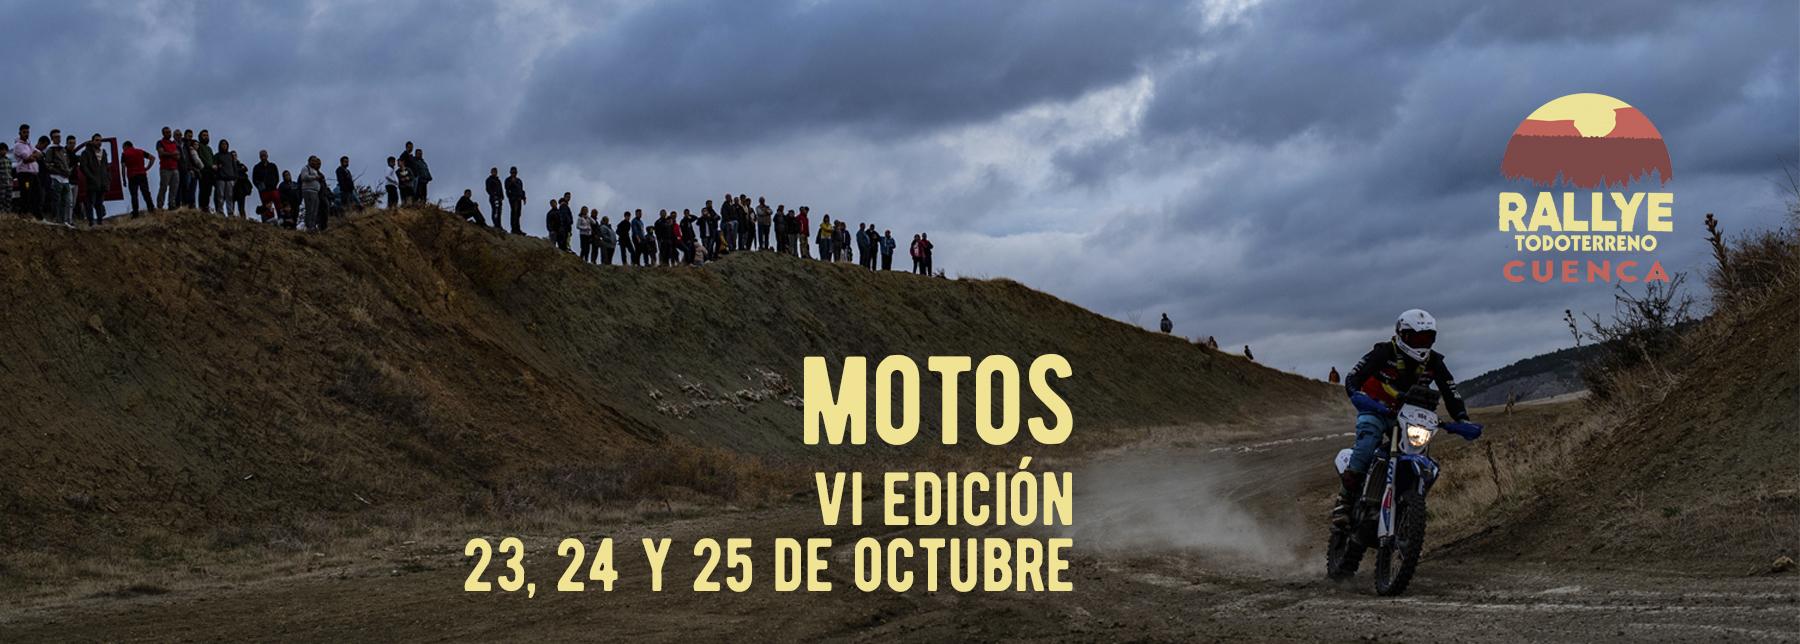 ¡ Se aproxima la 6ª edición del Rallye TT Cuenca !